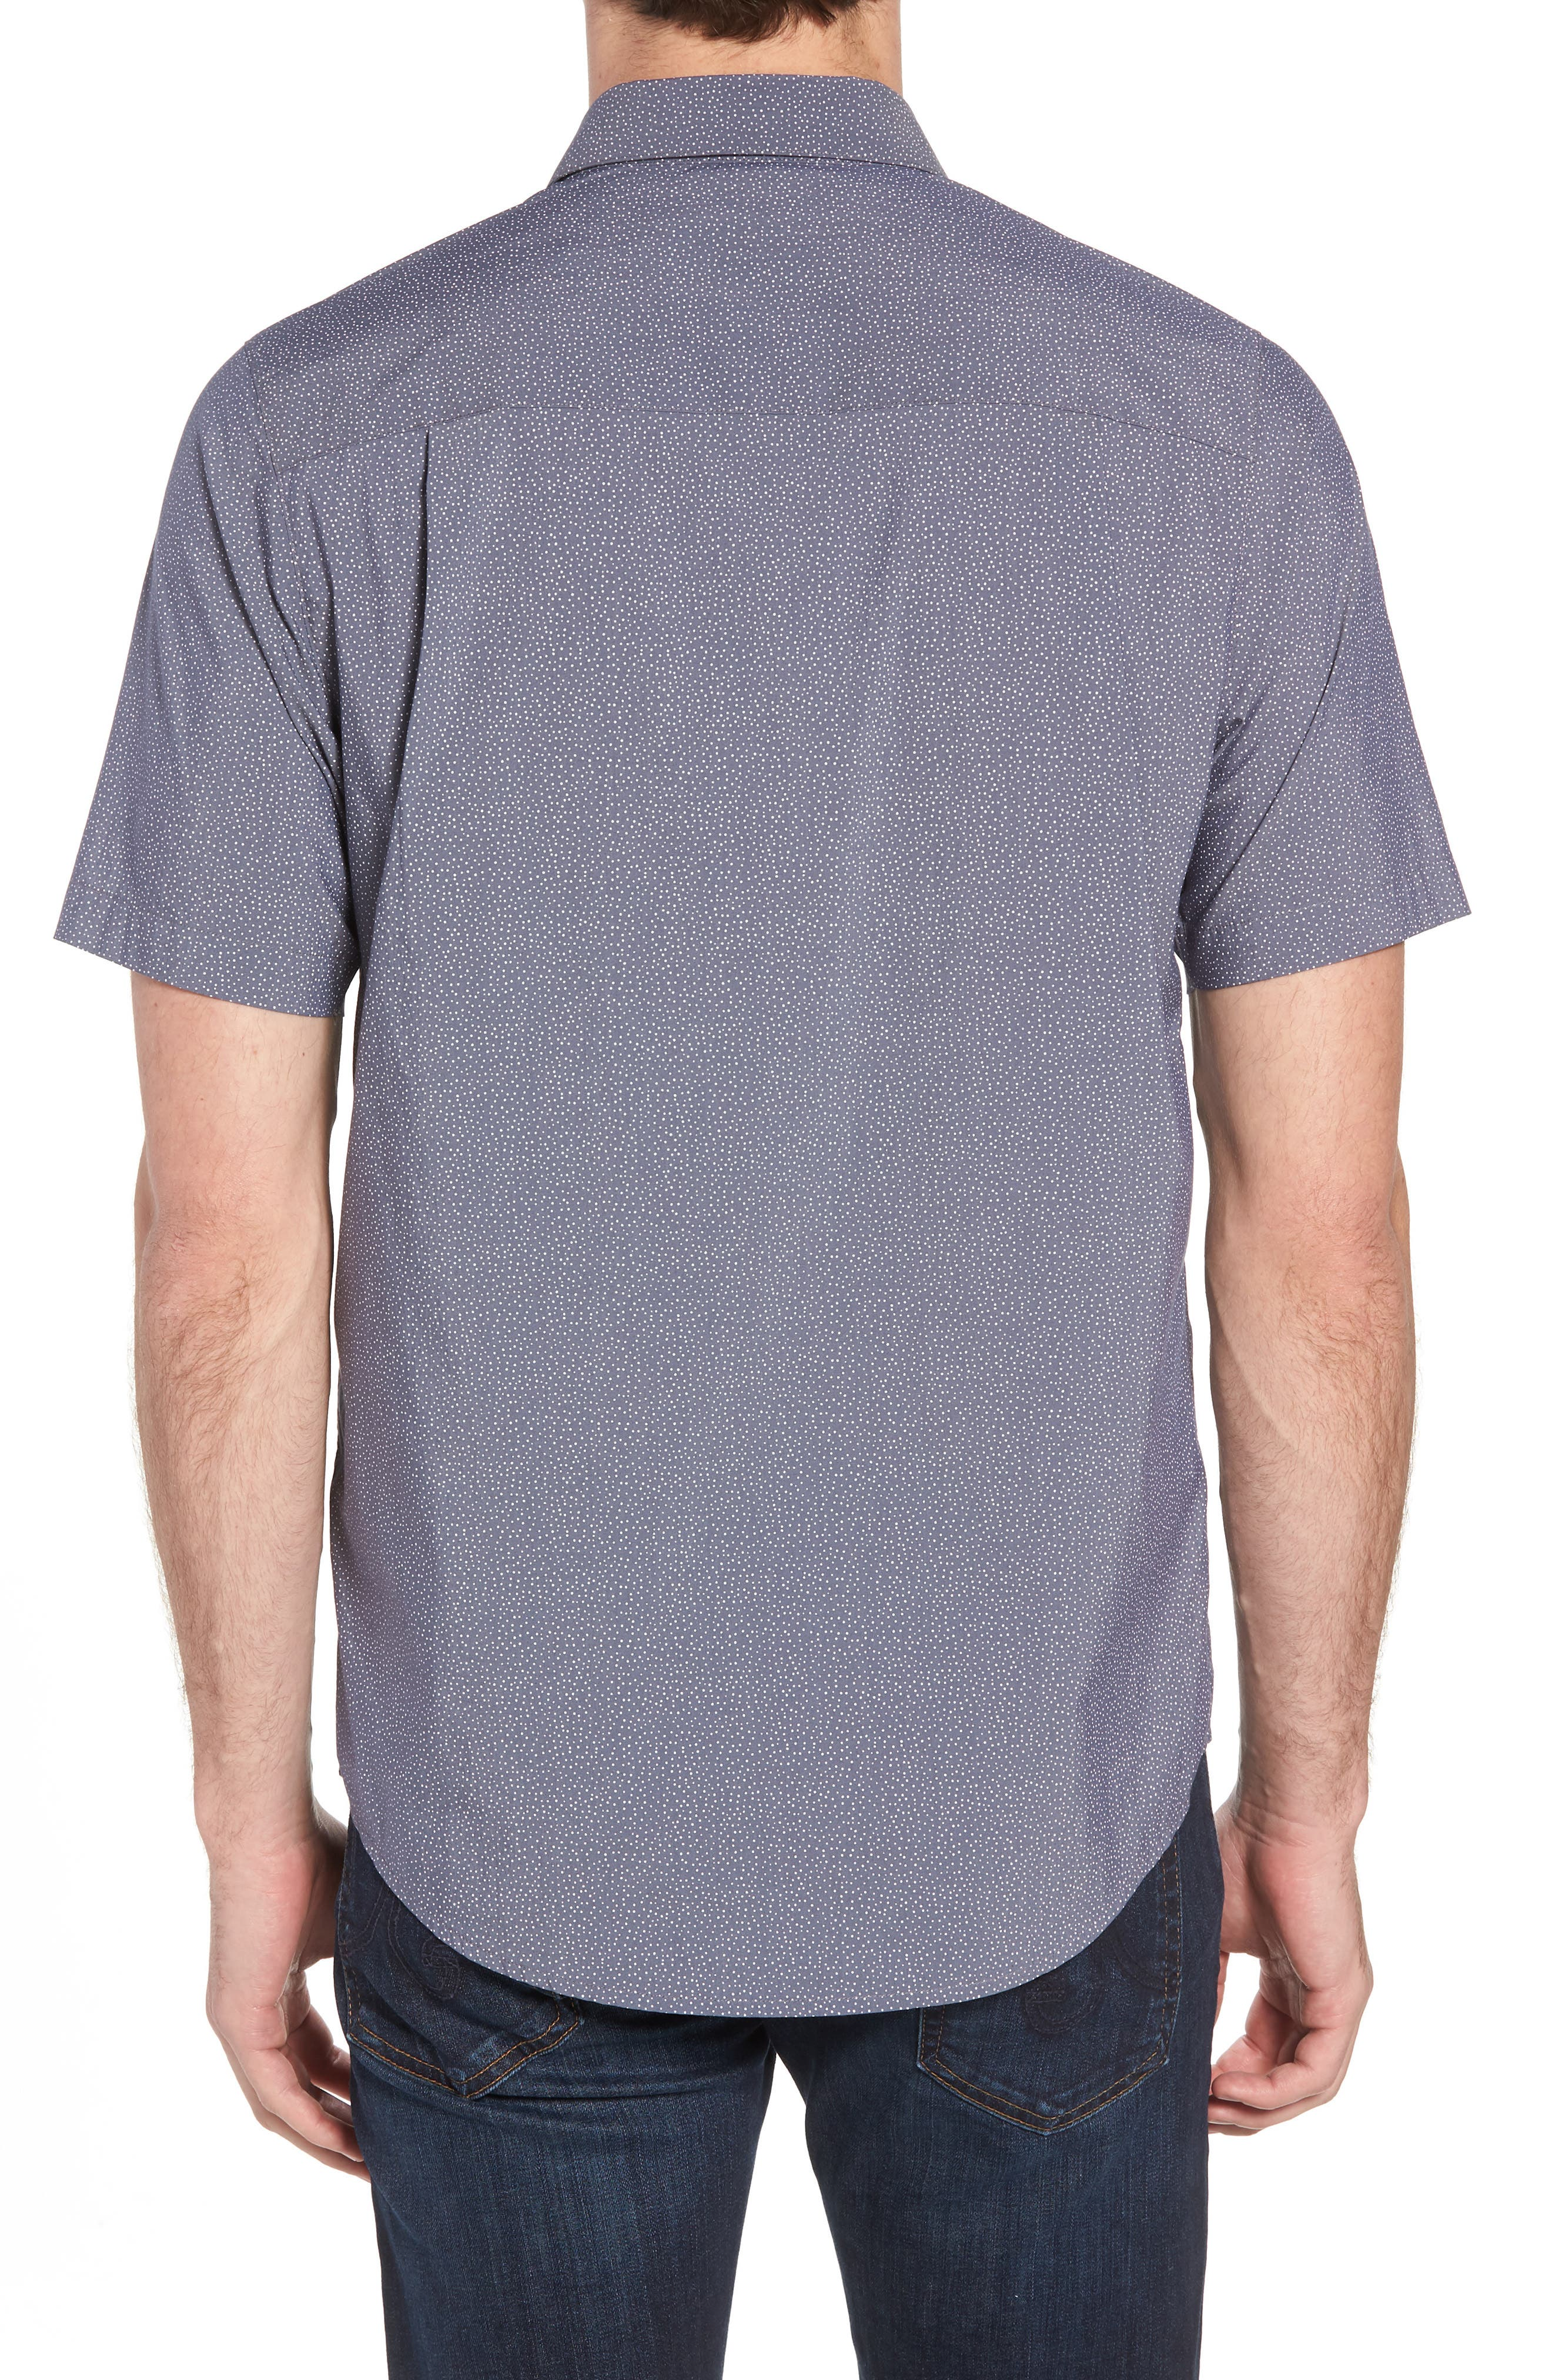 Particles Spot Print Sport Shirt,                             Alternate thumbnail 2, color,                             400